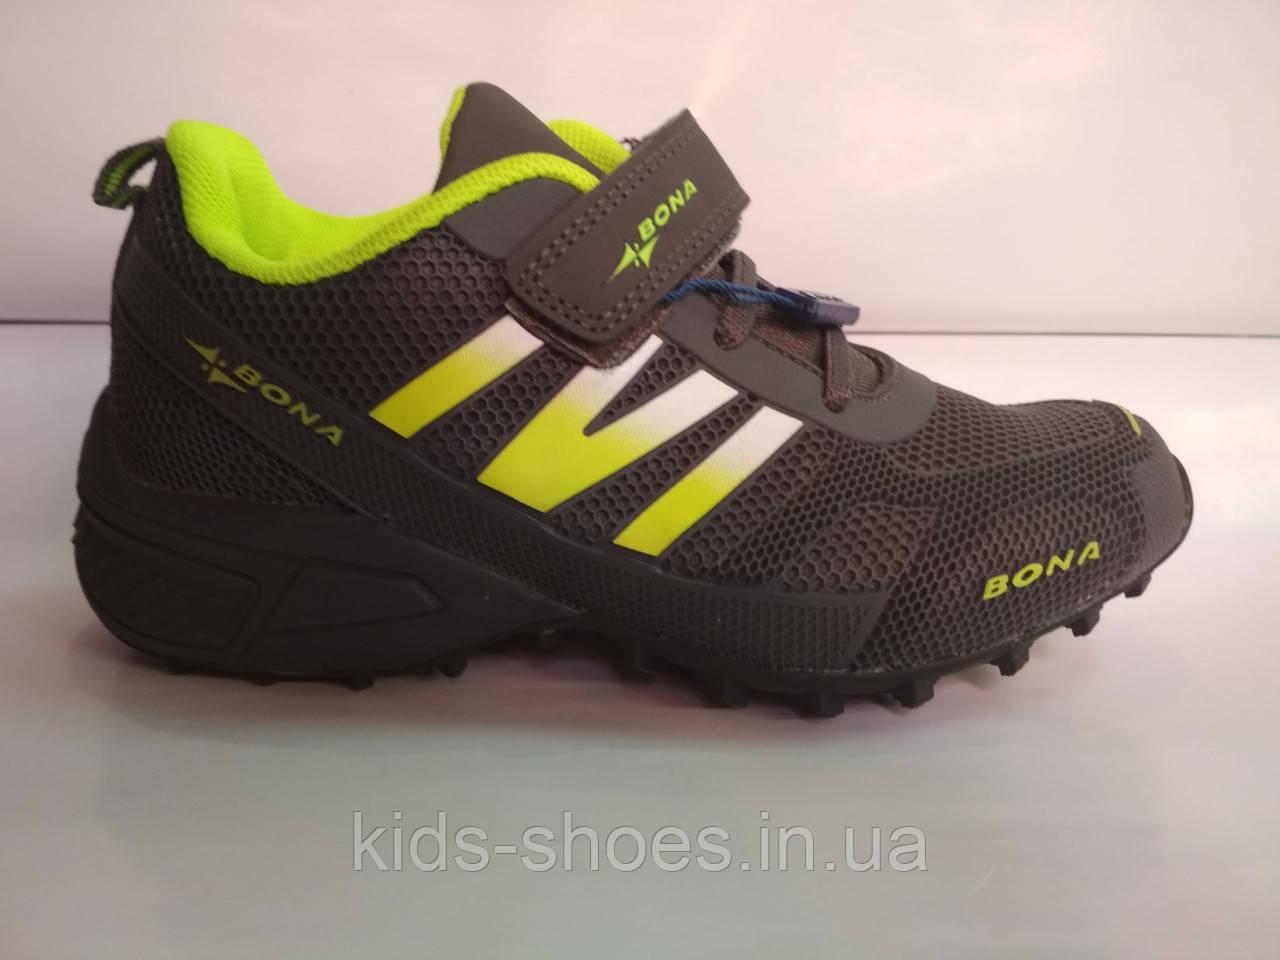 58967f6f Детские дышащие кроссовки Bona 32-20,5 см - Интернет-магазин «Kids